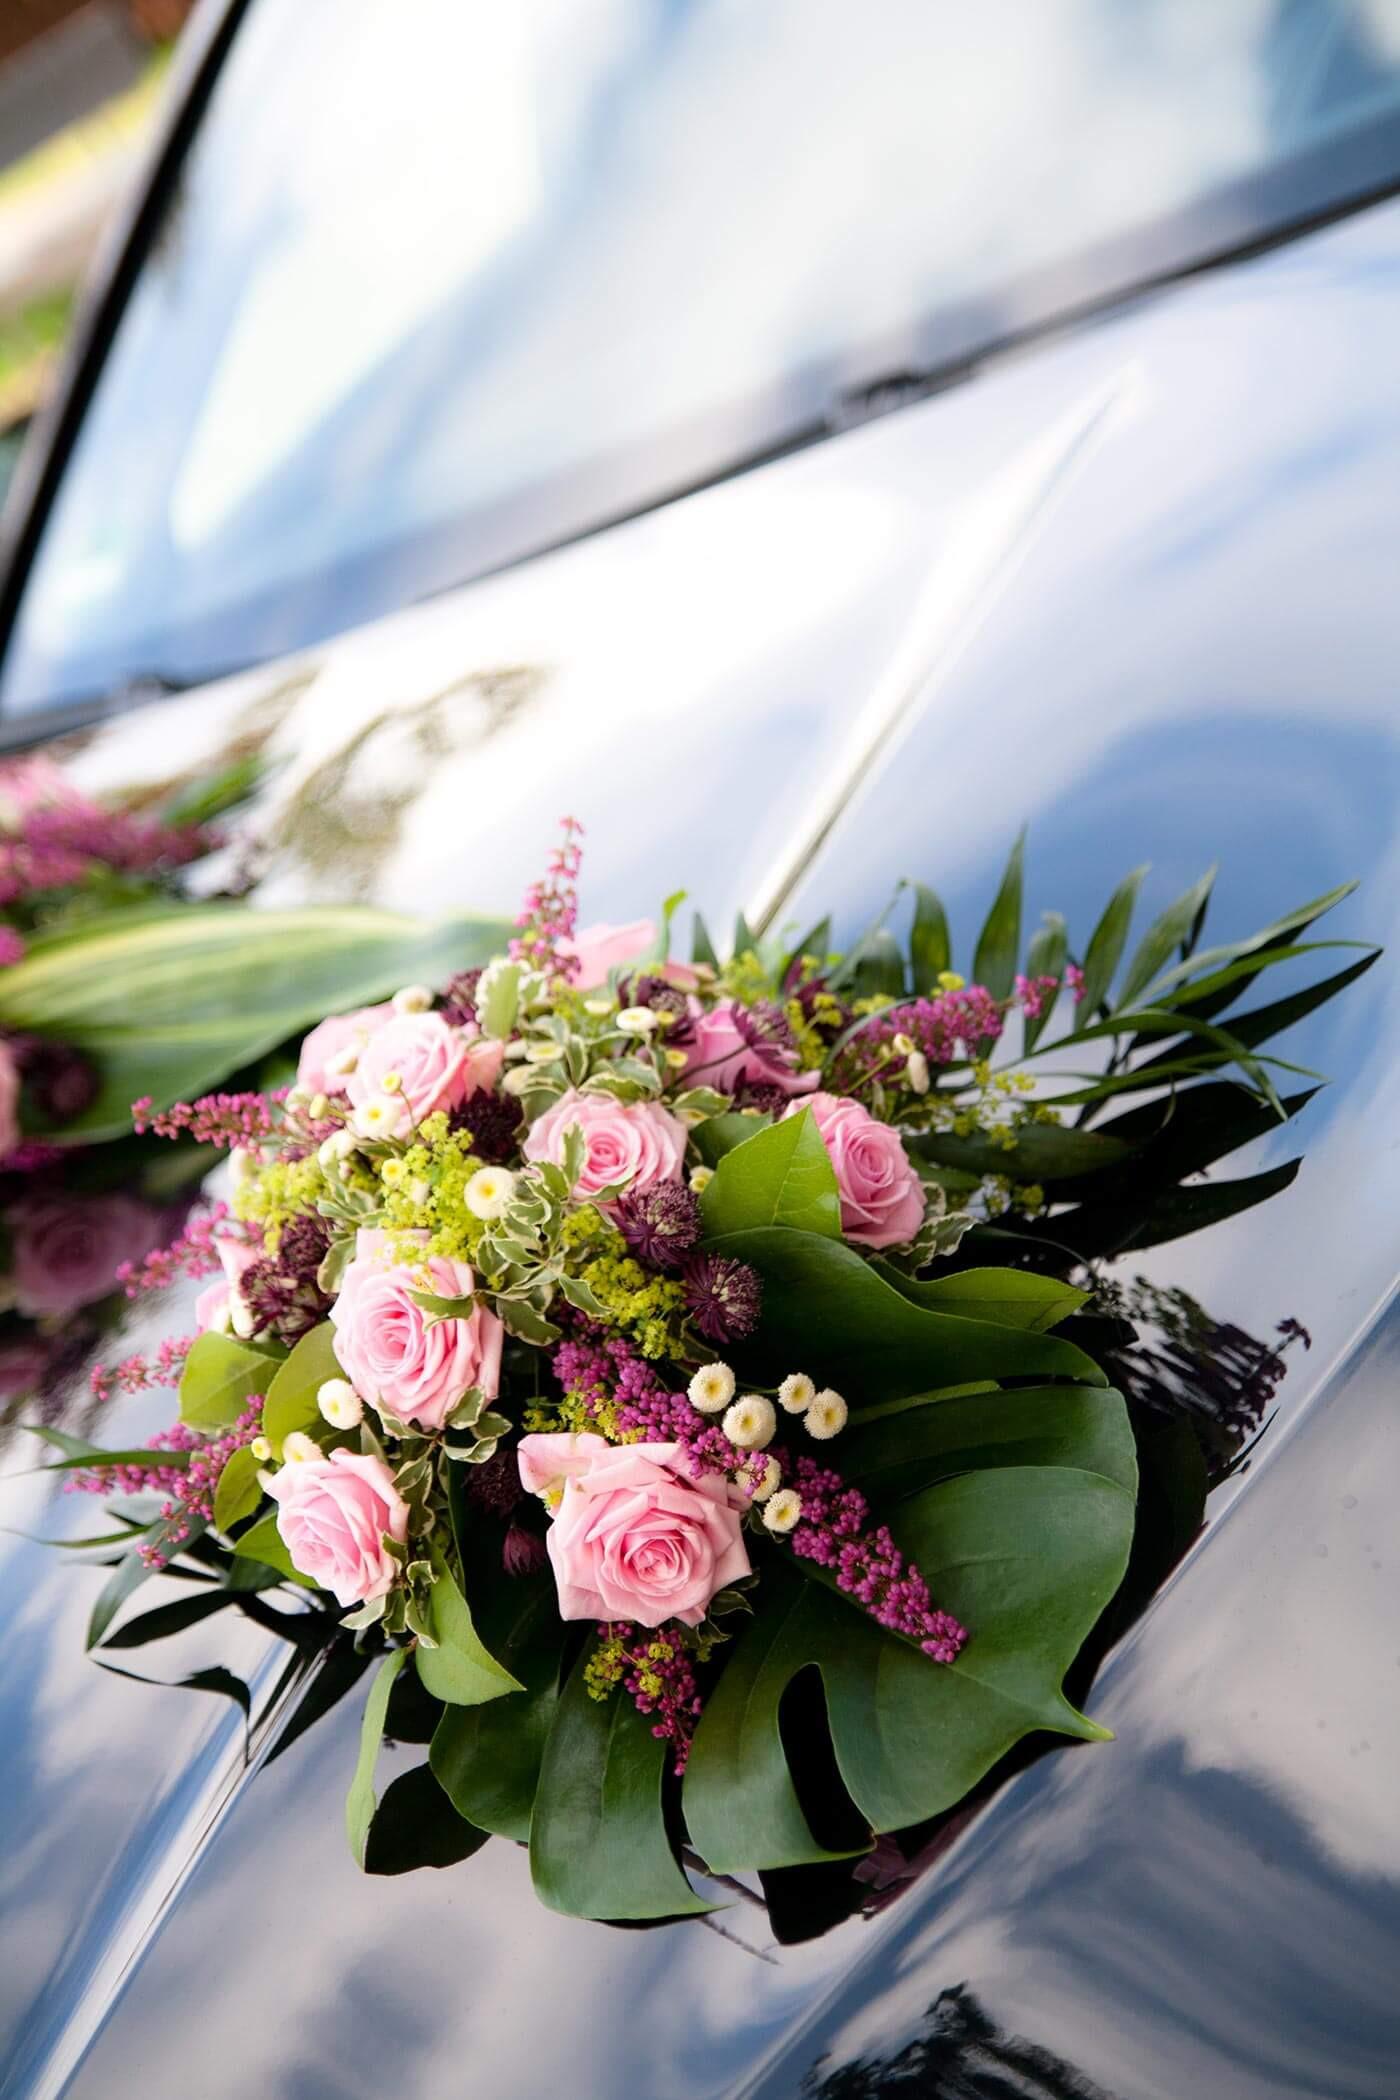 Autoschmuck Hochzeit Befestigung  Hochzeit Autoschmuck Rosa